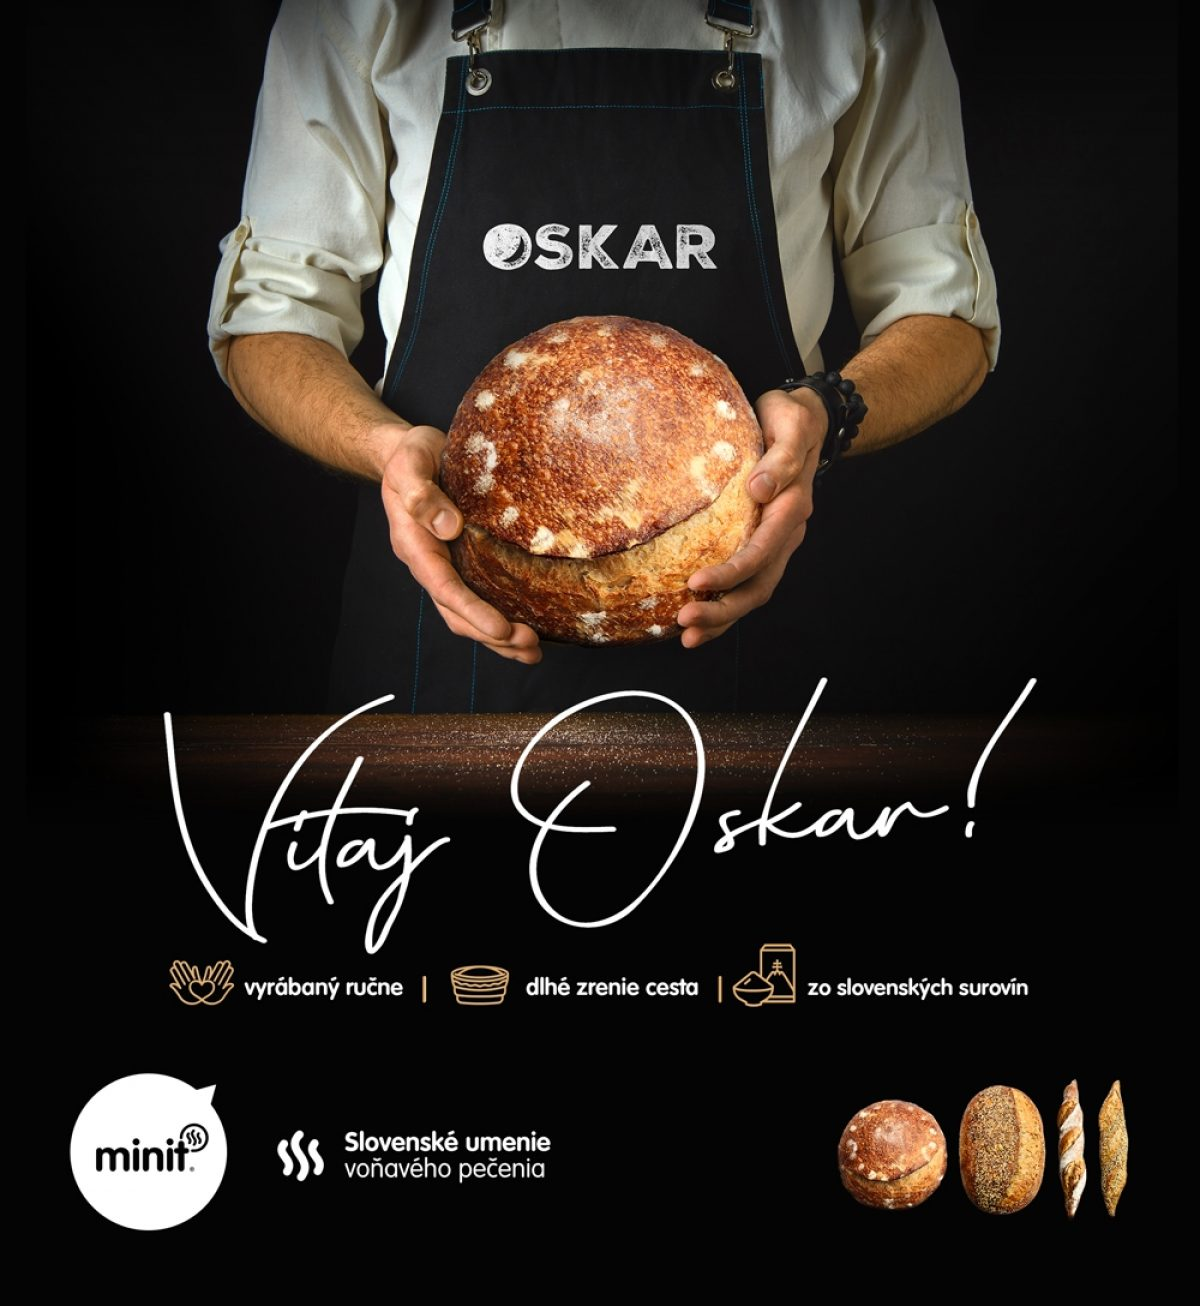 Oskar sqr